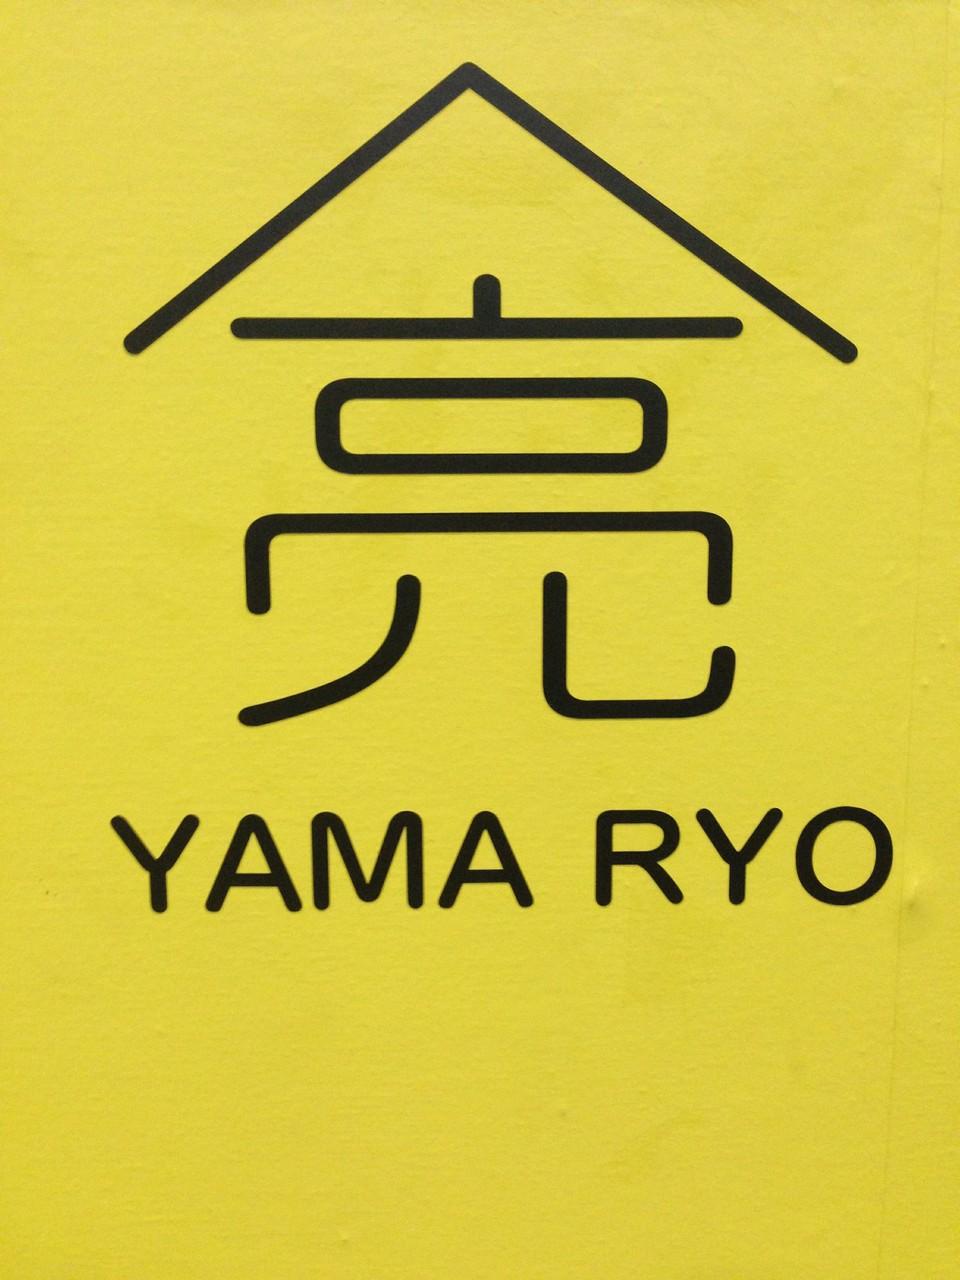 新しいヤマ亮横井製陶所のロゴです